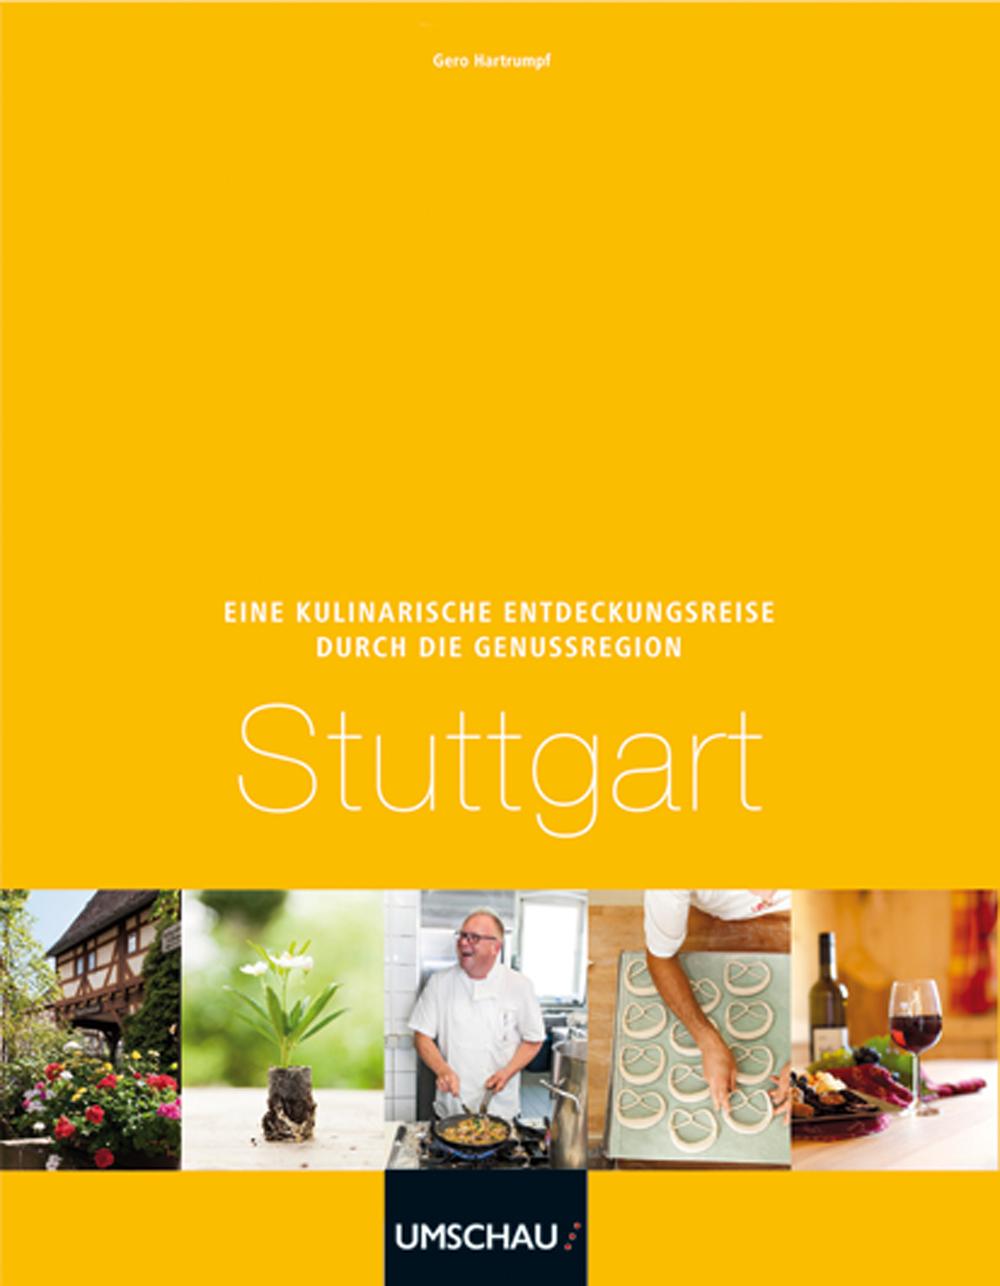 Eine kulinarische Entdeckungsreise Genussregion Stuttgart - Jens C. Kilian